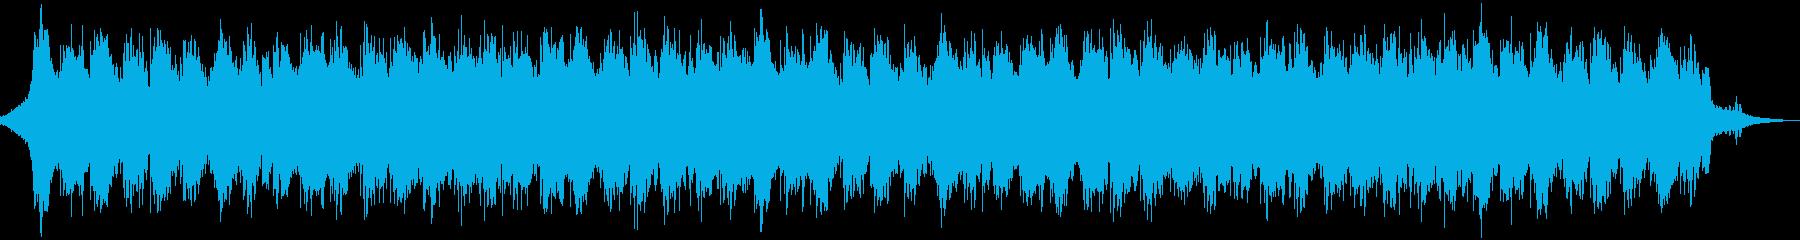 滝から流れ落ちる水がきらびやかな音楽の再生済みの波形